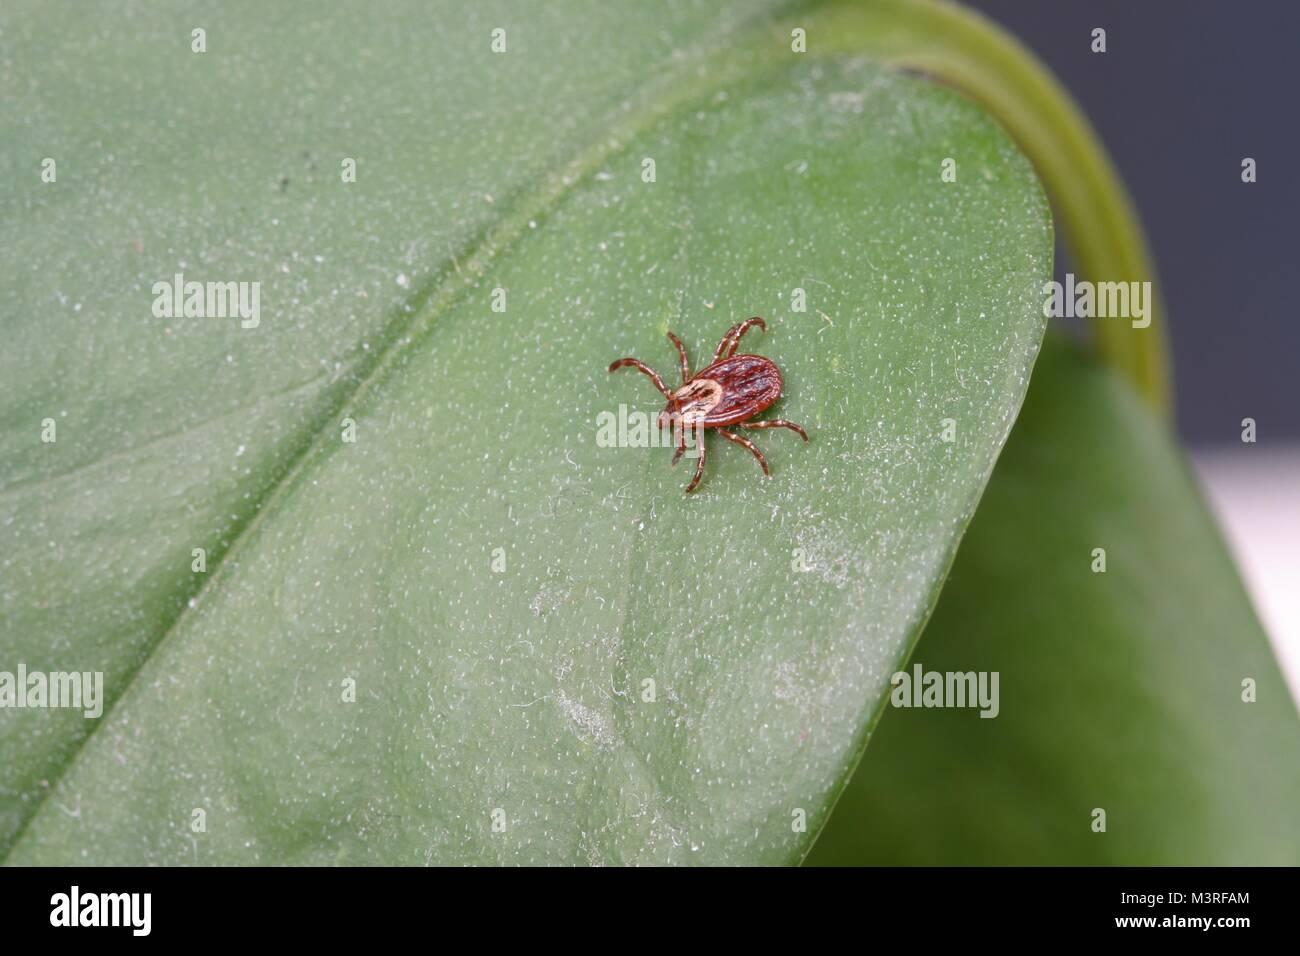 Dermacentor coenobita, noto anche come la American Dog Tick su un impianto - questa specie di tick è noto per Immagini Stock